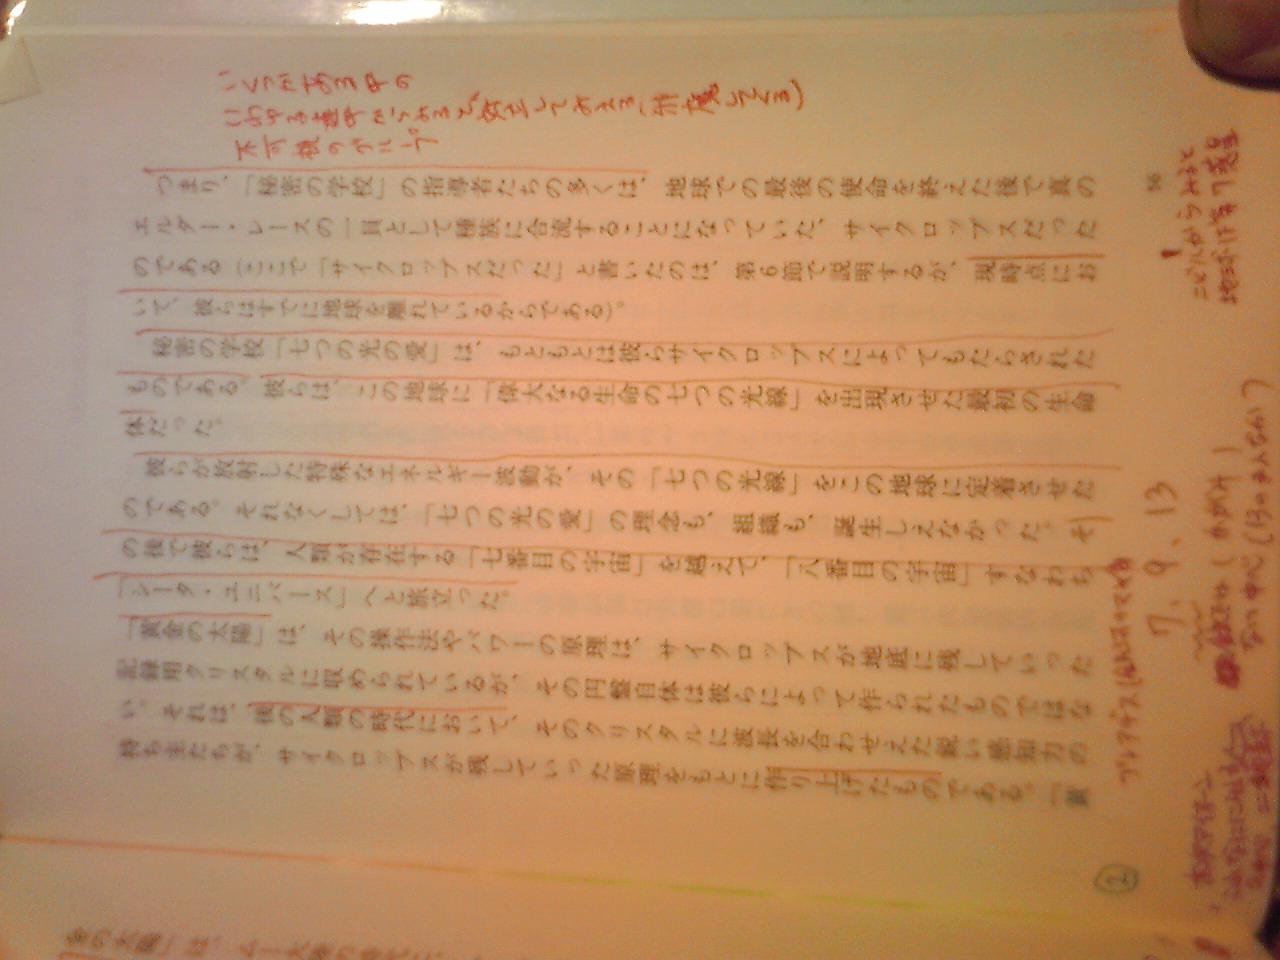 f:id:uta_stream:20191204175232j:plain